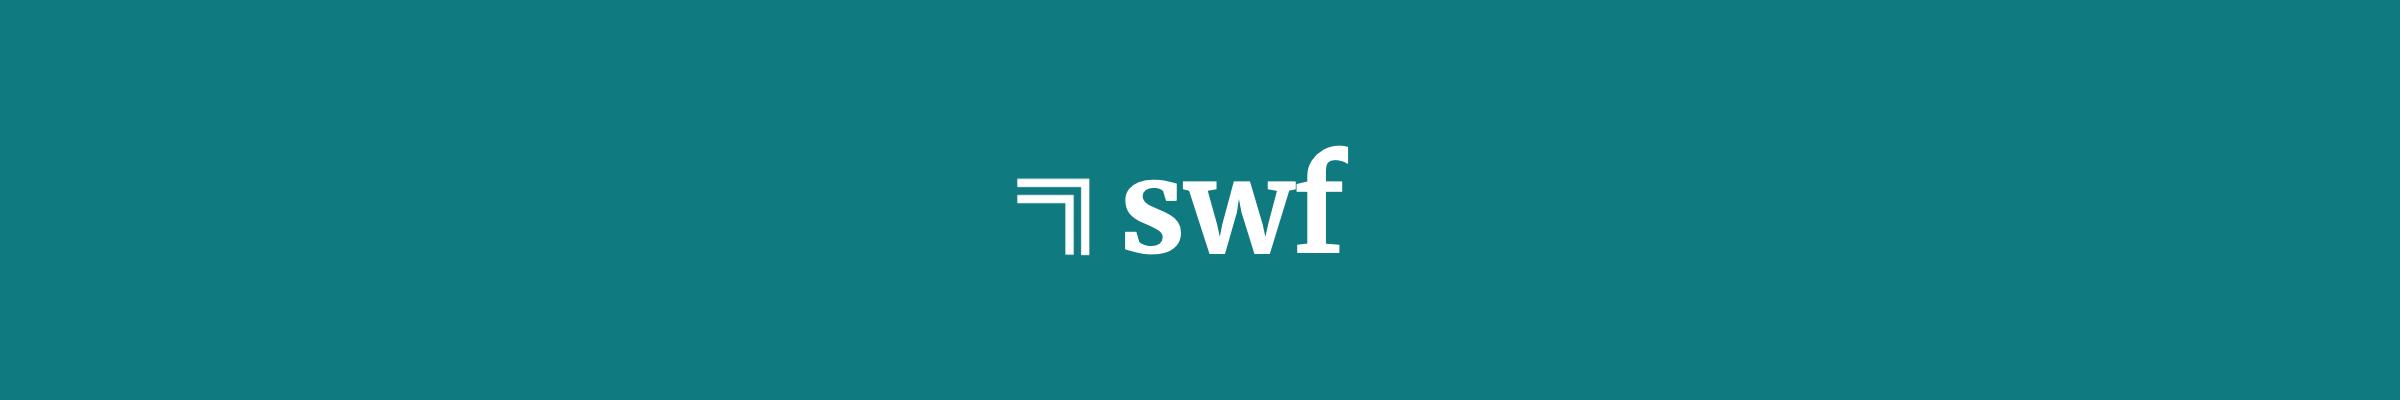 Digitale Informationsveranstaltung zu den Grund- und Aufbaukursen von SWF